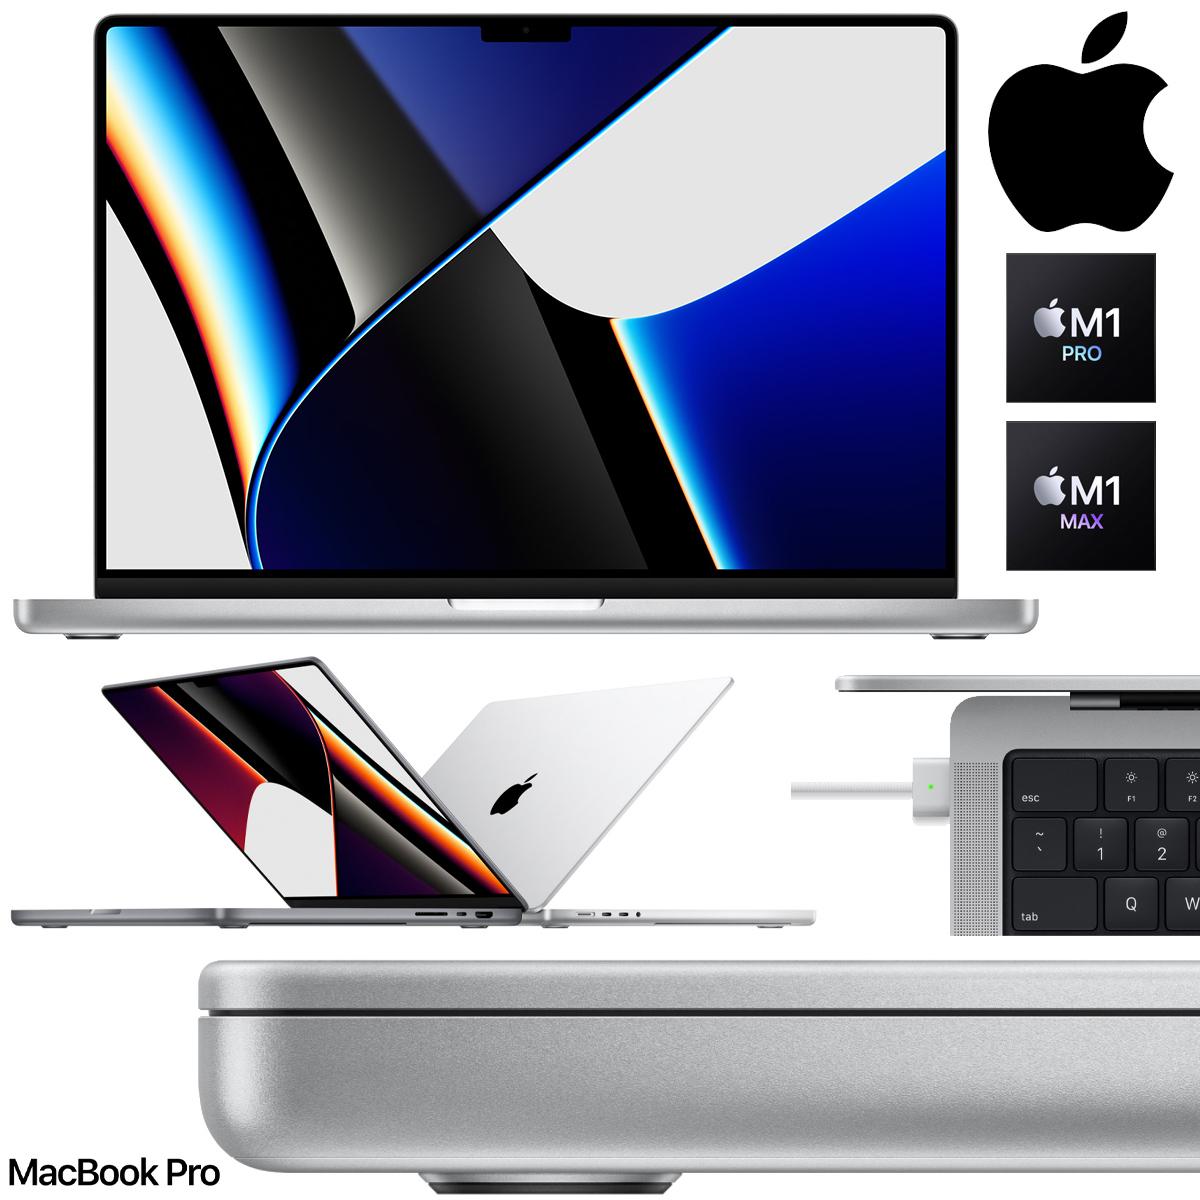 Novo MacBook Pro com novos chips M1 Pro ou M1 Max, tela mini-LED e MagSafe miniatura